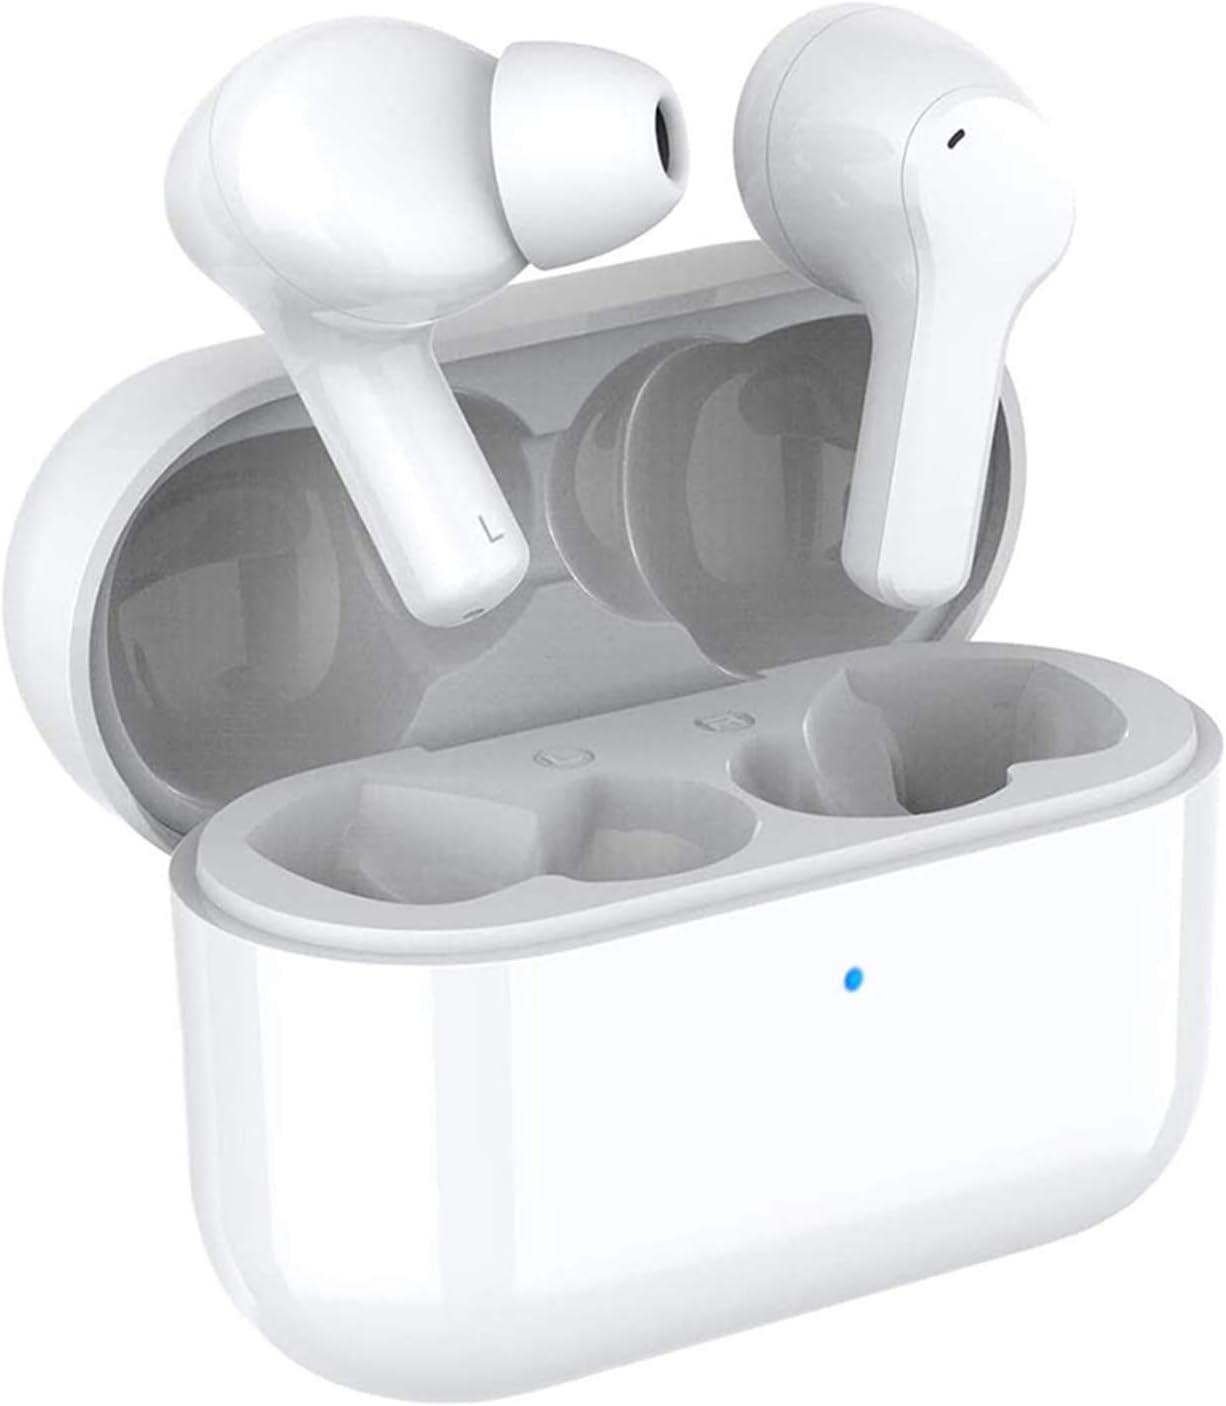 HONOR CHOICE Auriculares Bluetooth TWS Auriculares Auriculares Impermeables con cancelación de Ruido de Doble micrófono Auriculares inalámbricos Verdaderos, compatibles con Android iOS